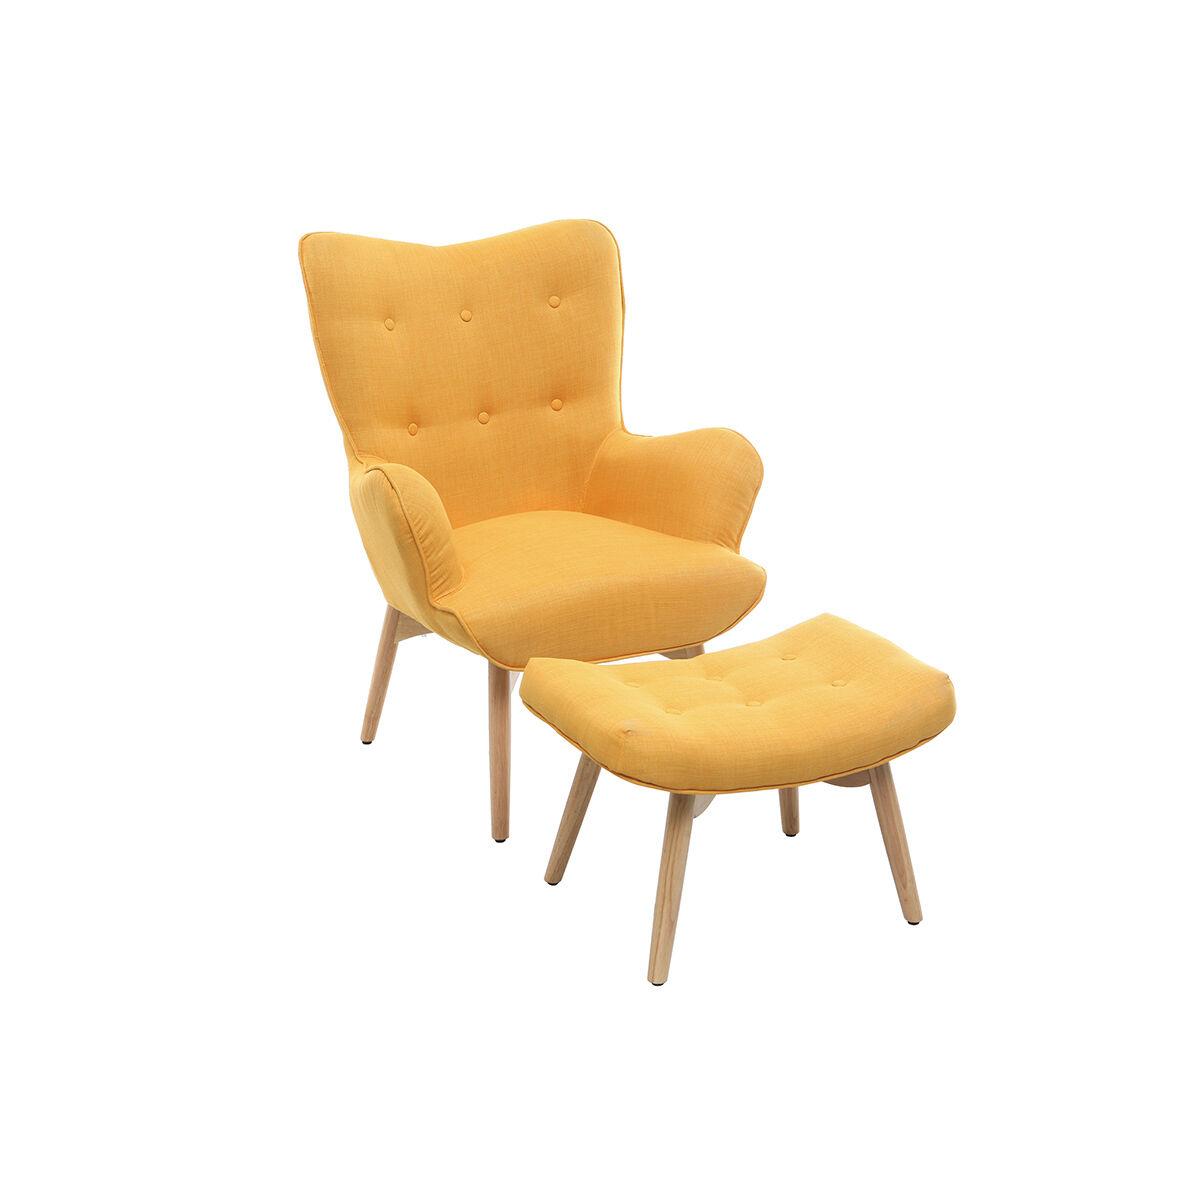 Miliboo Fauteuil design scandinave et son repose pied jaune et bois clair BRISTOL